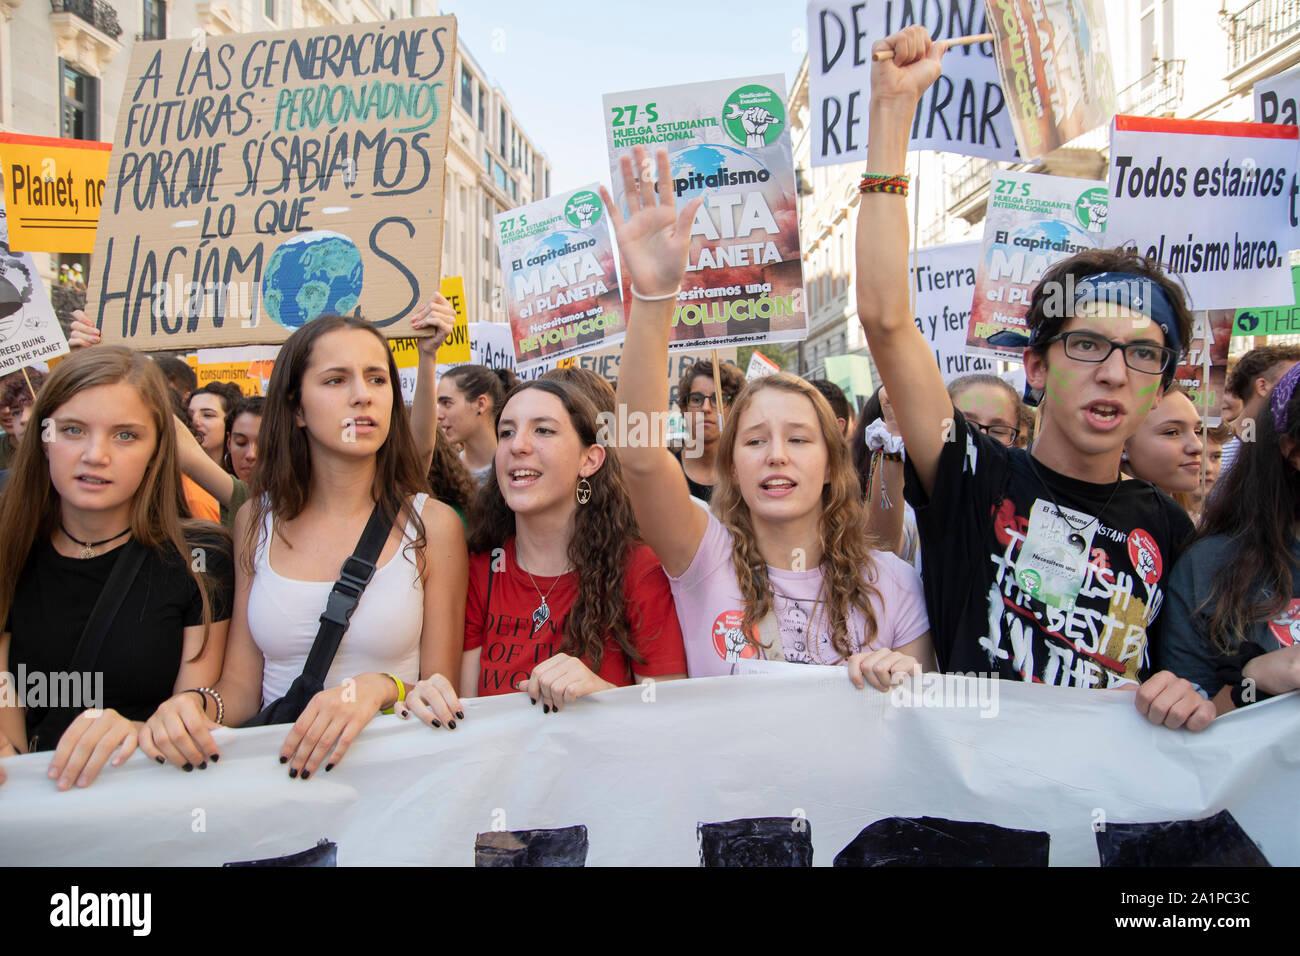 Huelga mundial para el Clima. Es la primera huelga en que gran parte de la sociedad se une a la juventud de los viernes para el futuro. Además de este movimiento, todos env Foto de stock